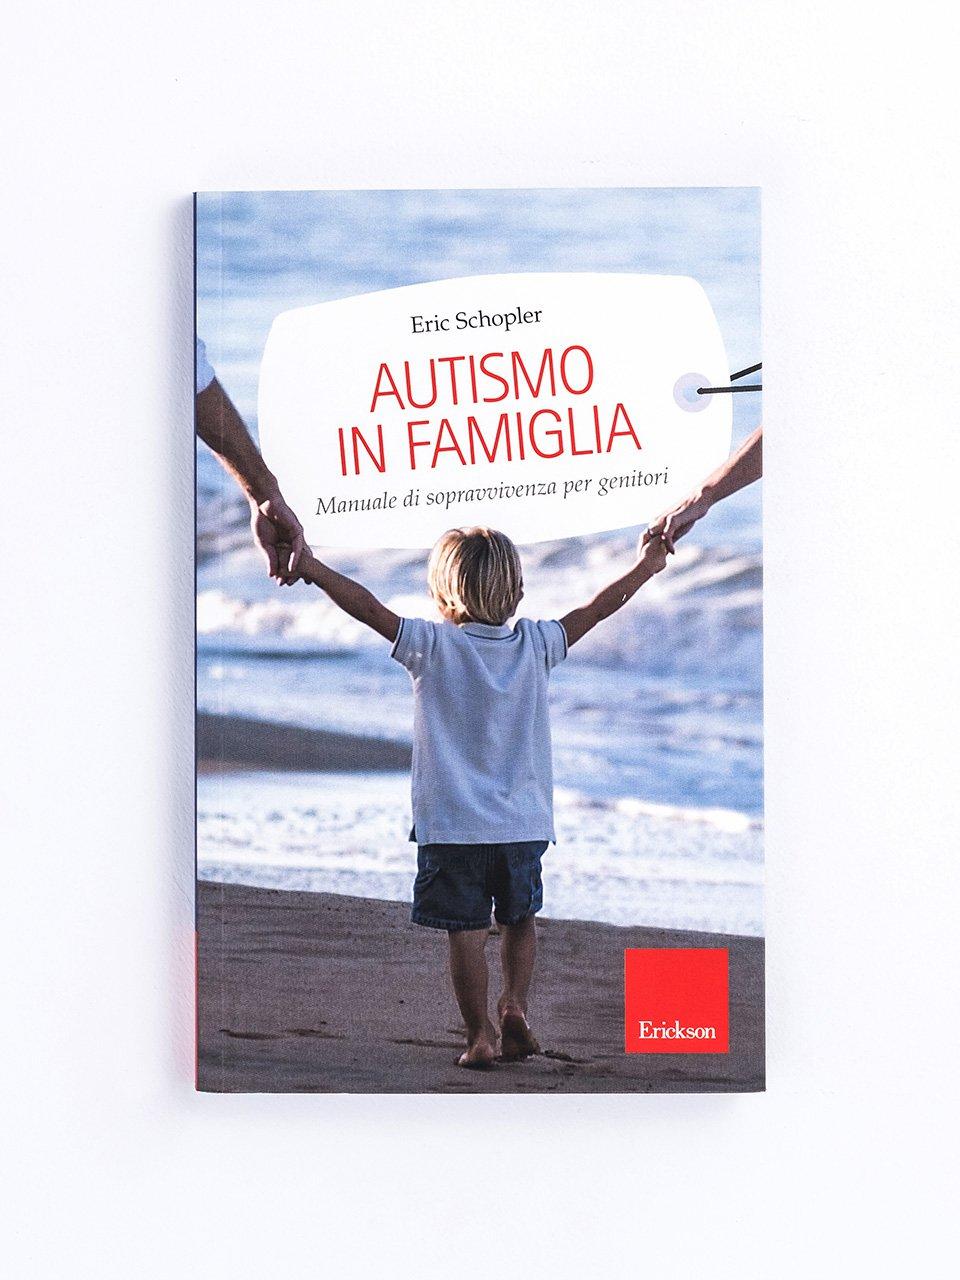 Autismo in famiglia - Libri - Erickson